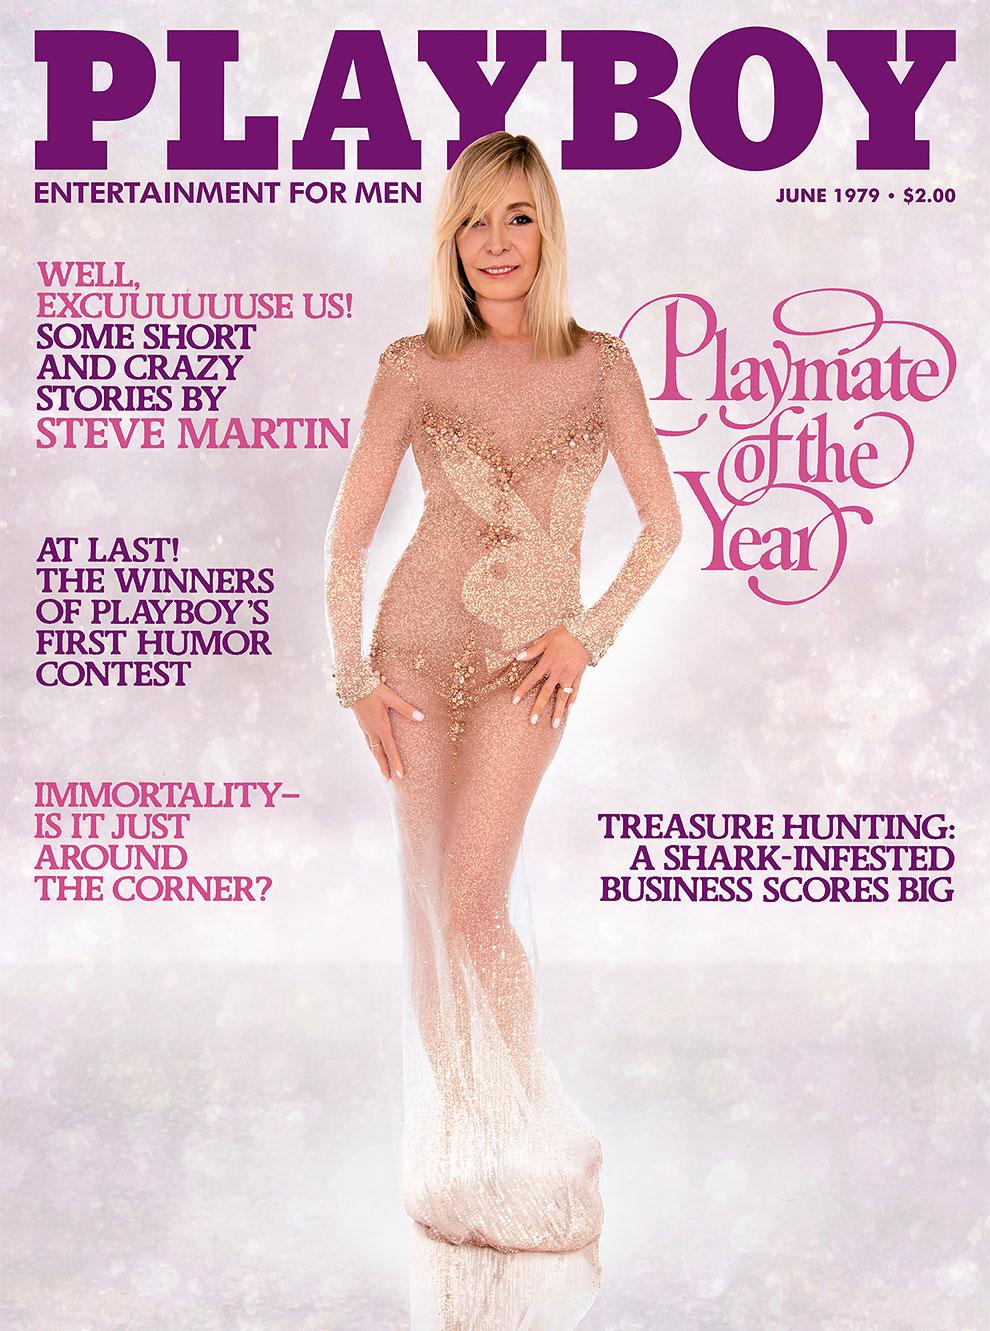 30 лет спустя: журнал Playboy воссоздал свои культовые обложки с теми же моделями 10